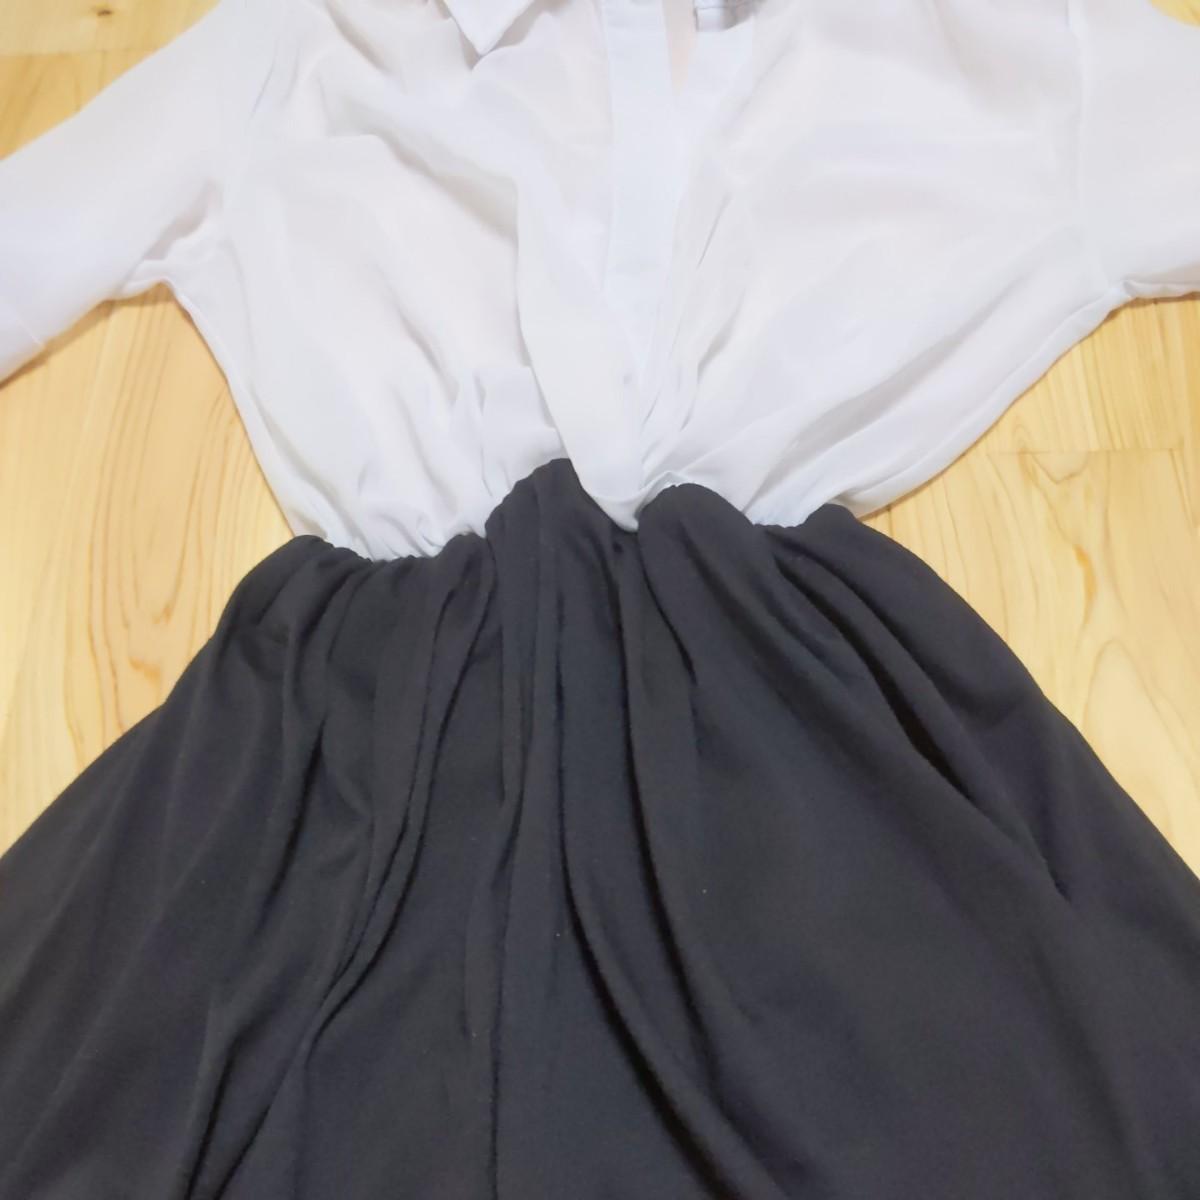 ワンピース 巻きスカート ミニスカート シースルー バイカラー